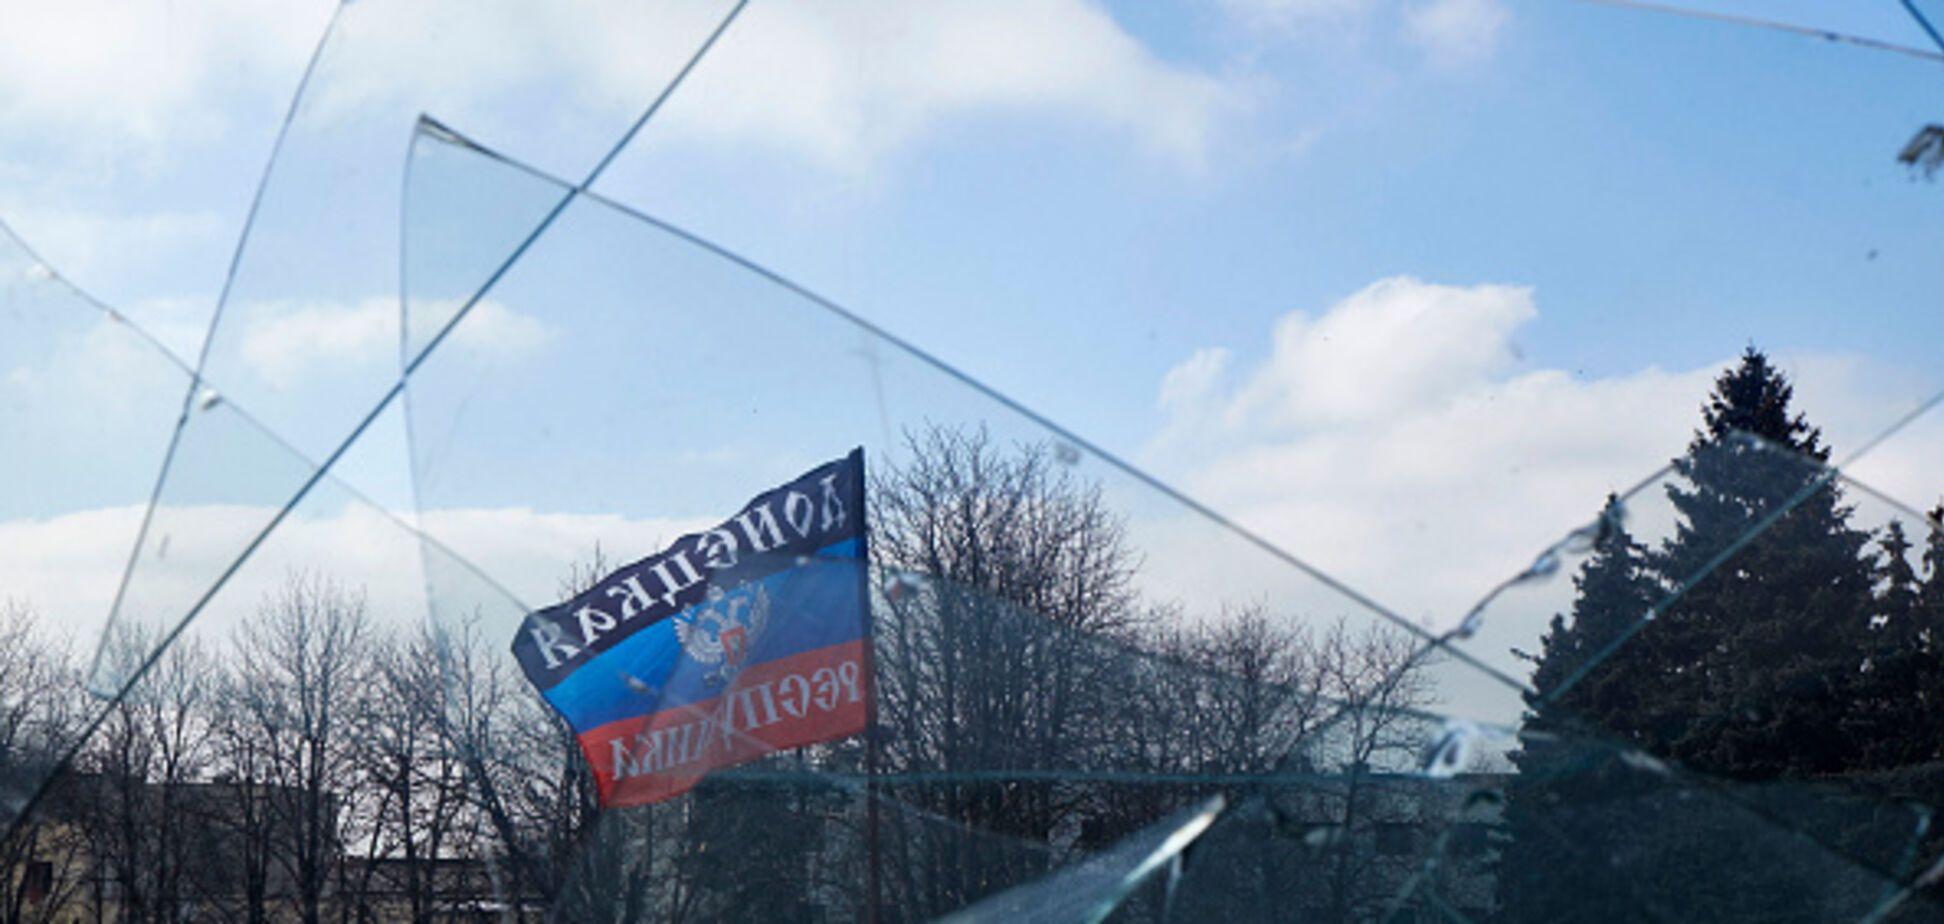 Організатор 'референдуму' в Донецьку зробив заяву про повернення окупованого Донбасу в Україну